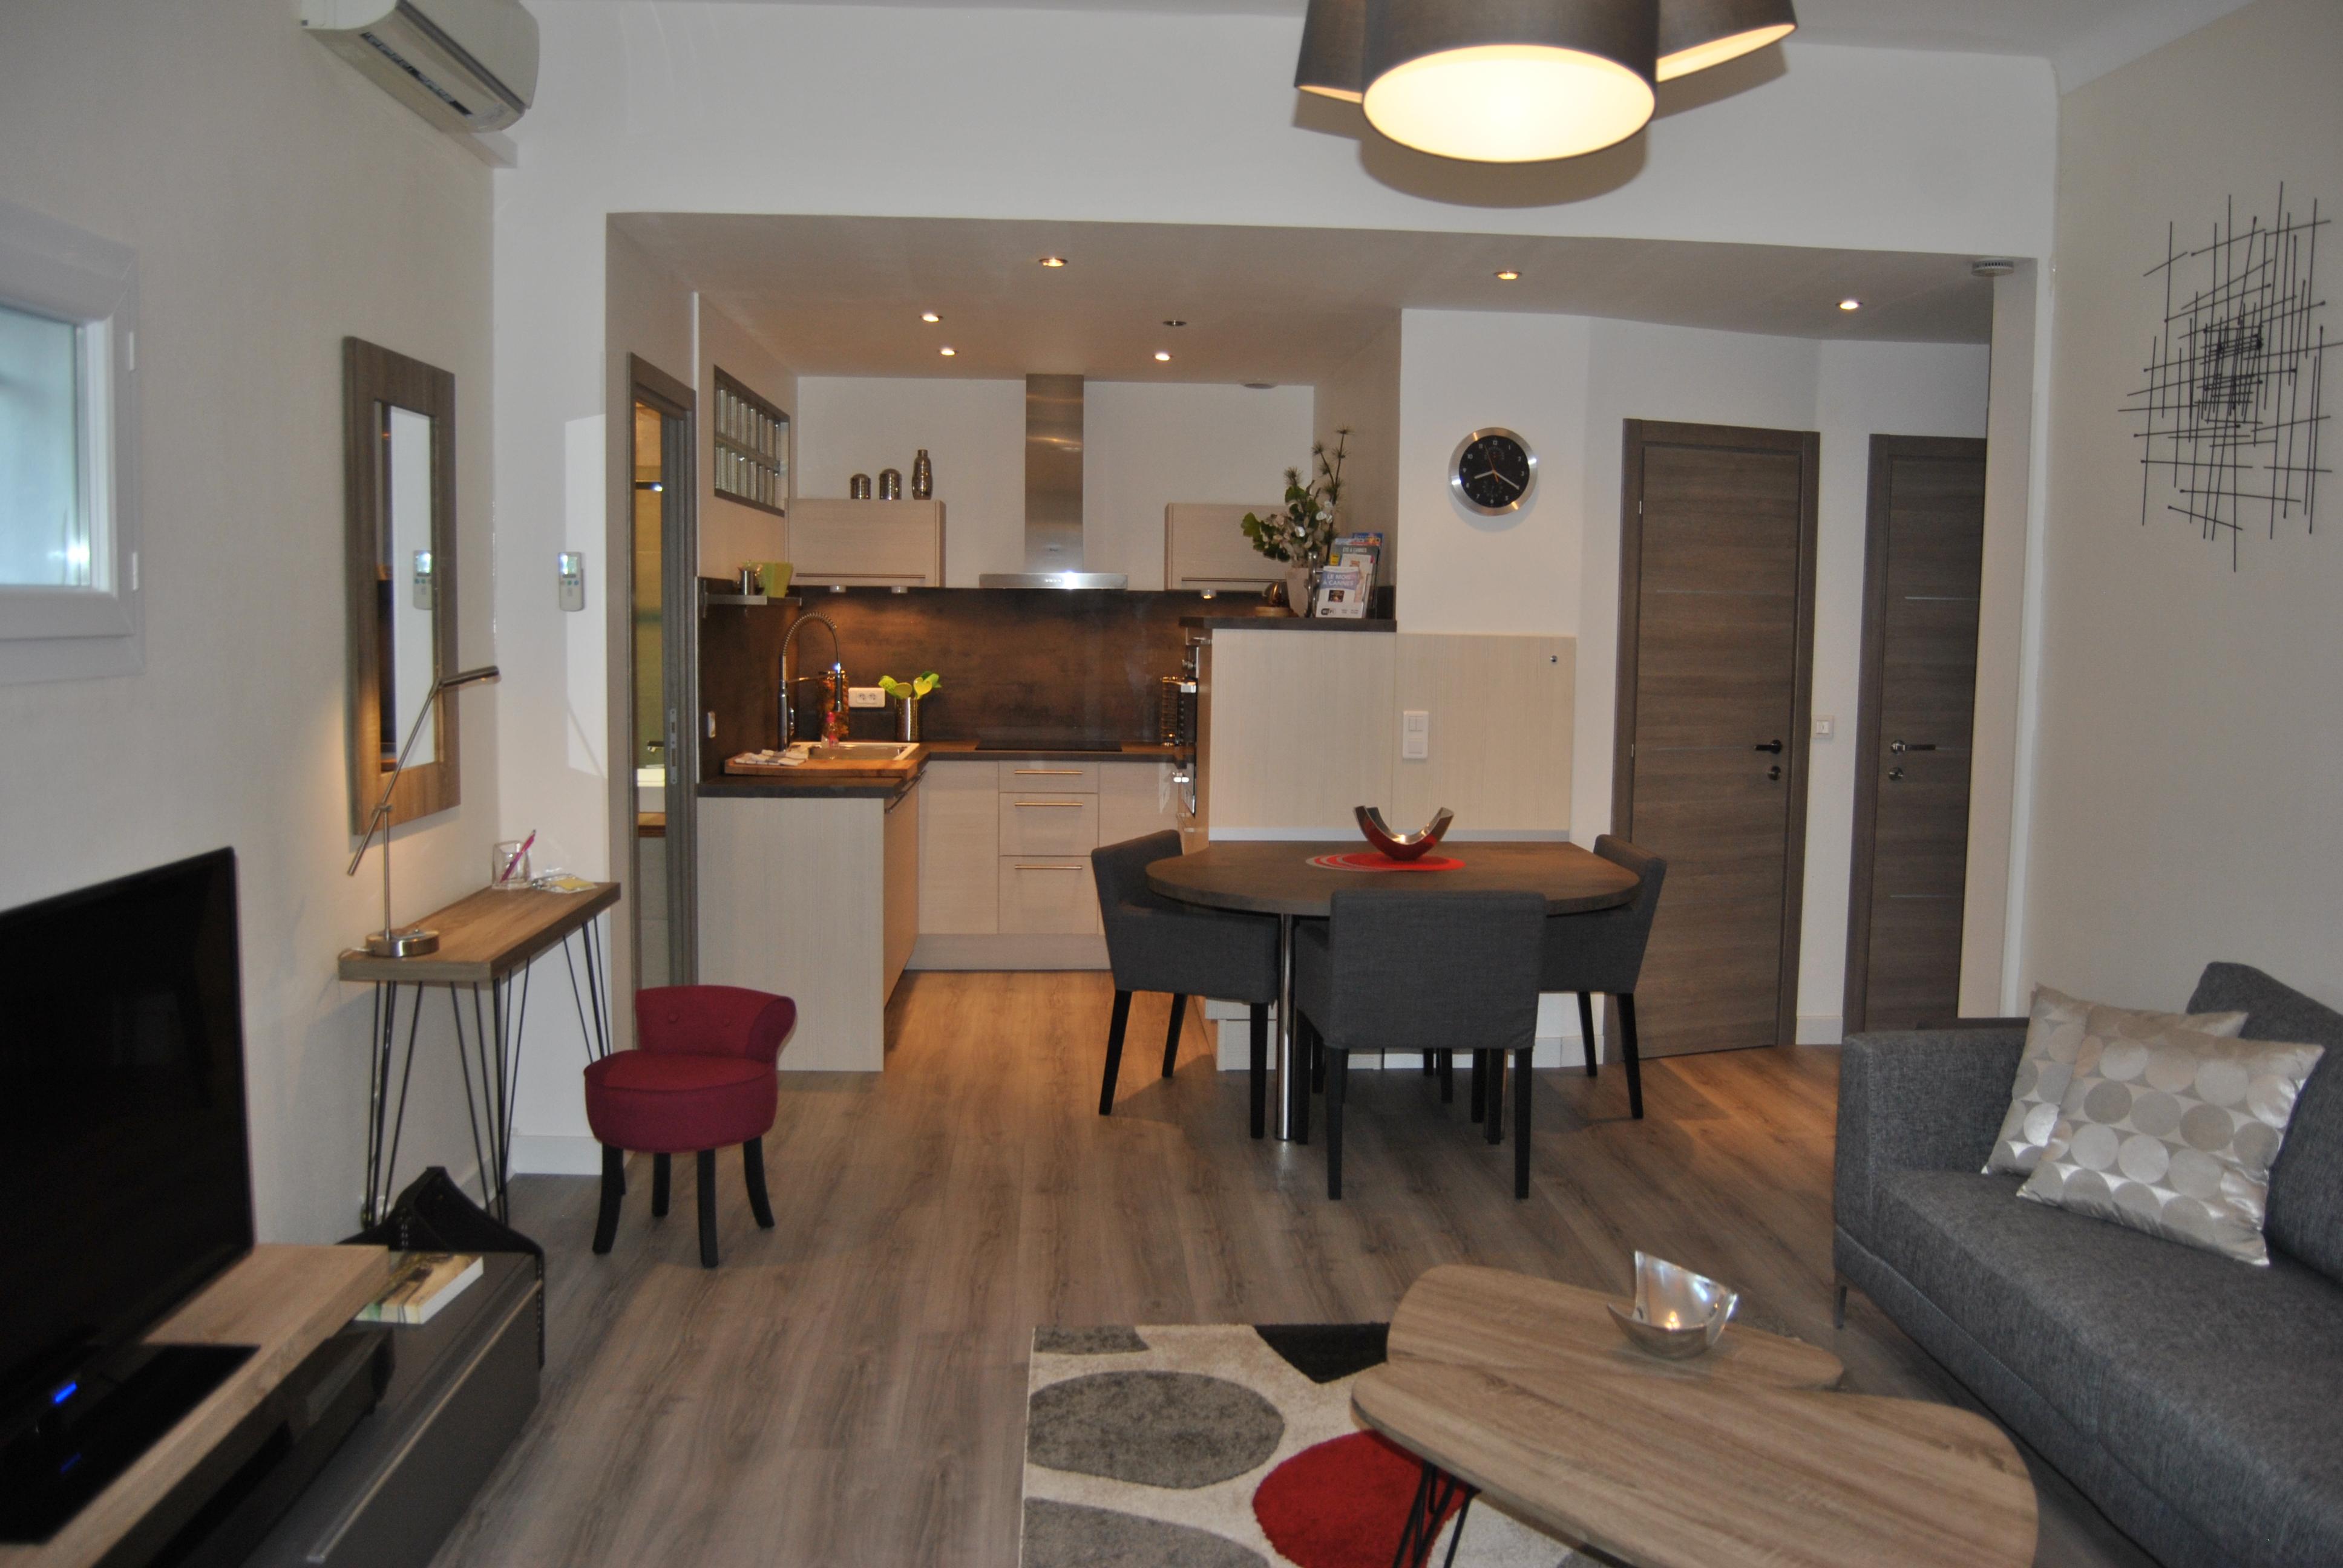 VILLA L'AJACCIENNE, Hôtel 4 étoiles à Cannes (Côte d'Azur)